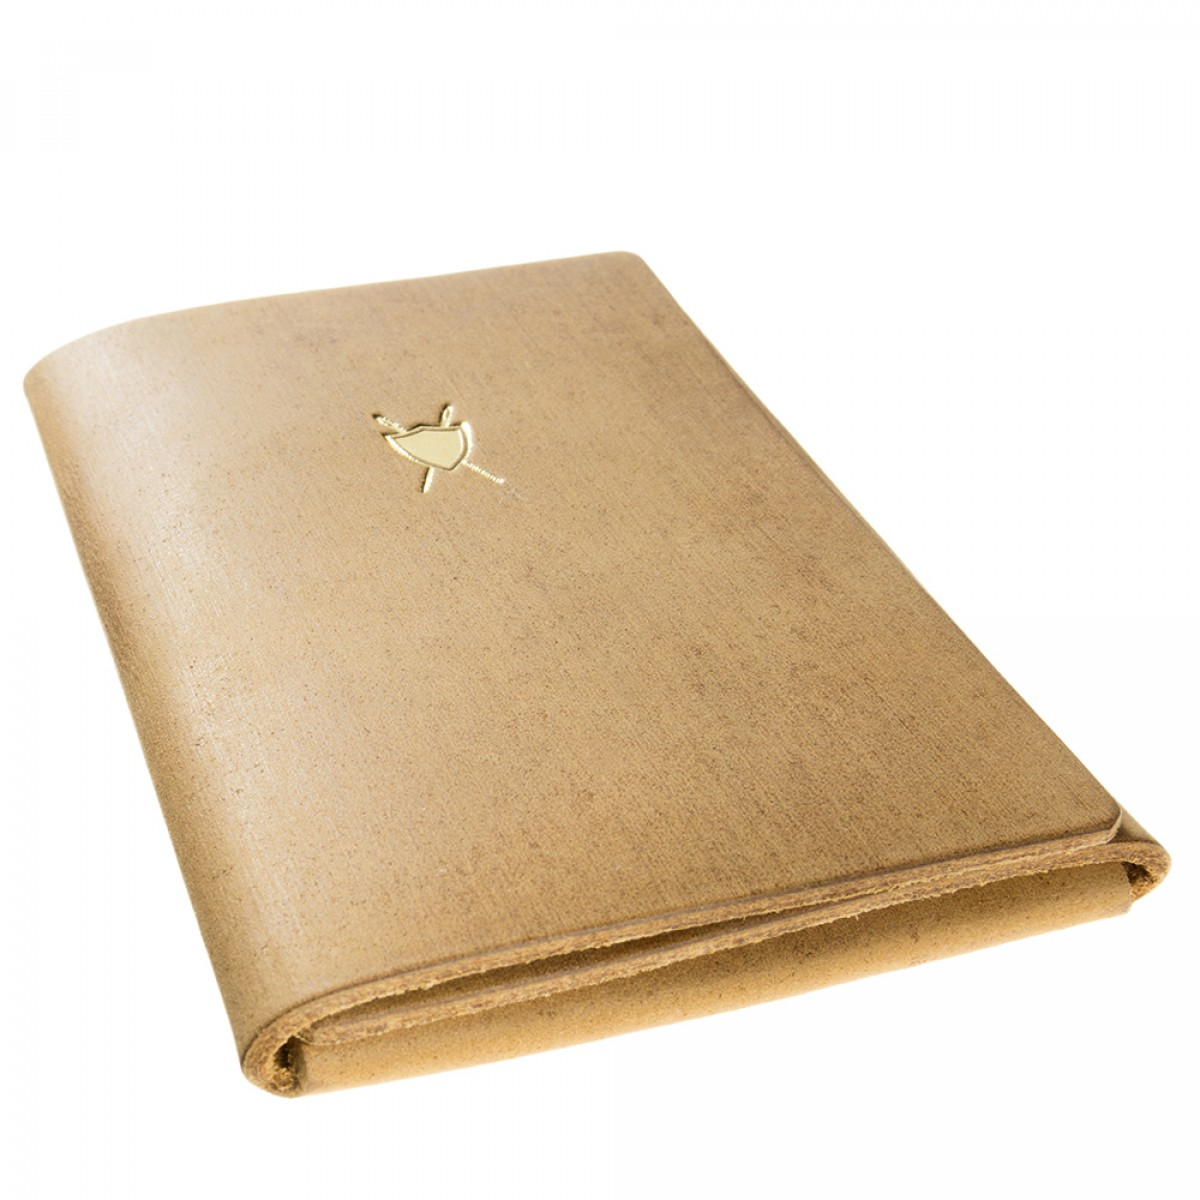 LIEBHARDT - Portemonnaie / Kreditkartenetui, Geldbörse aus pflanzlich gegerbtem Leder mit Kartenfach (braun)